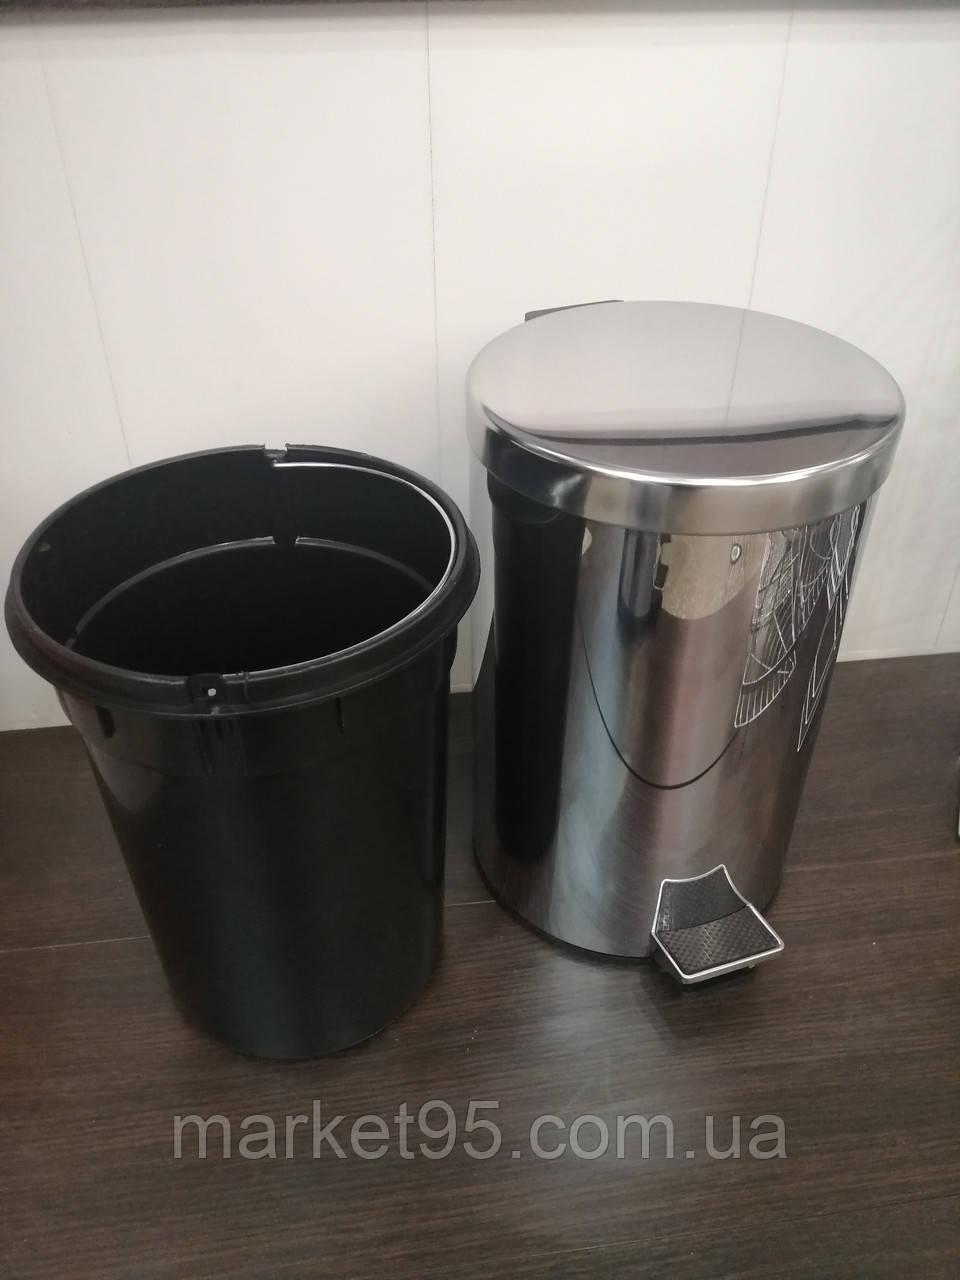 Відро для сміття з педаллю 12л,Eco Fabric  нержавіюча сталь